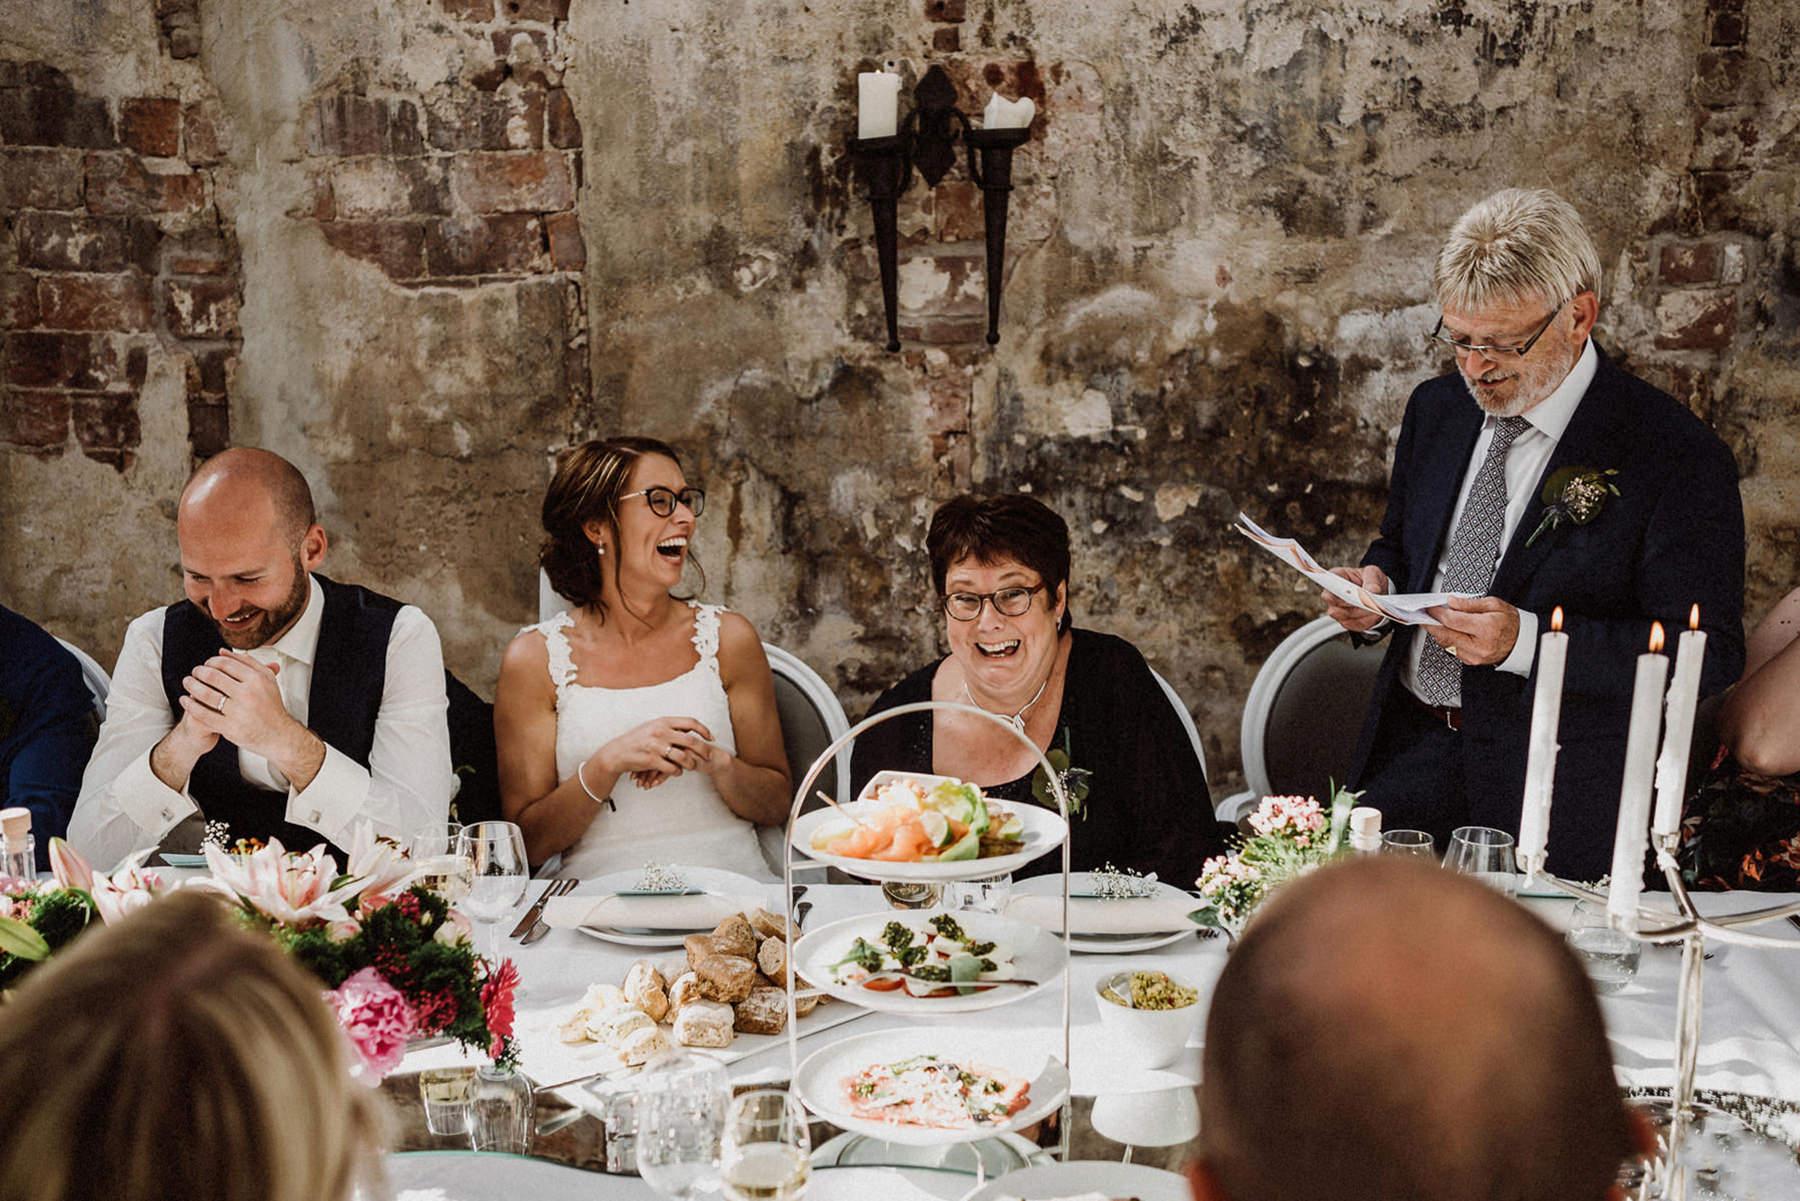 Trouwfoto | Vaderdag | Speech op bruiloft